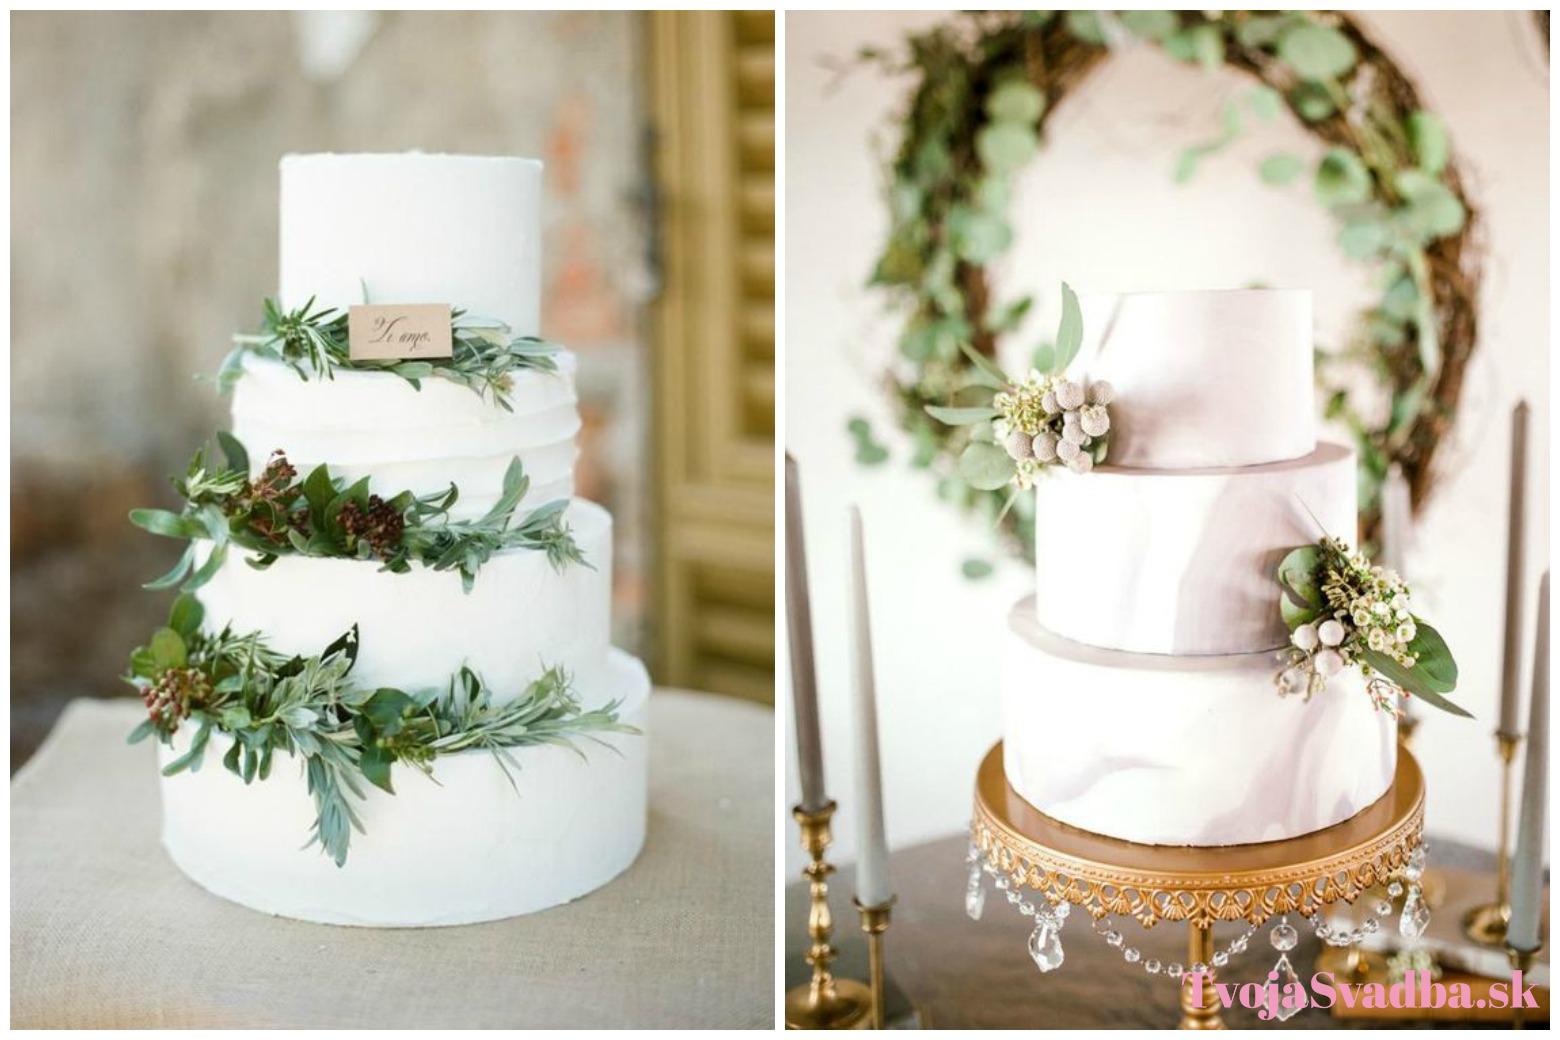 de434ebdd9 svadobná torta greenery